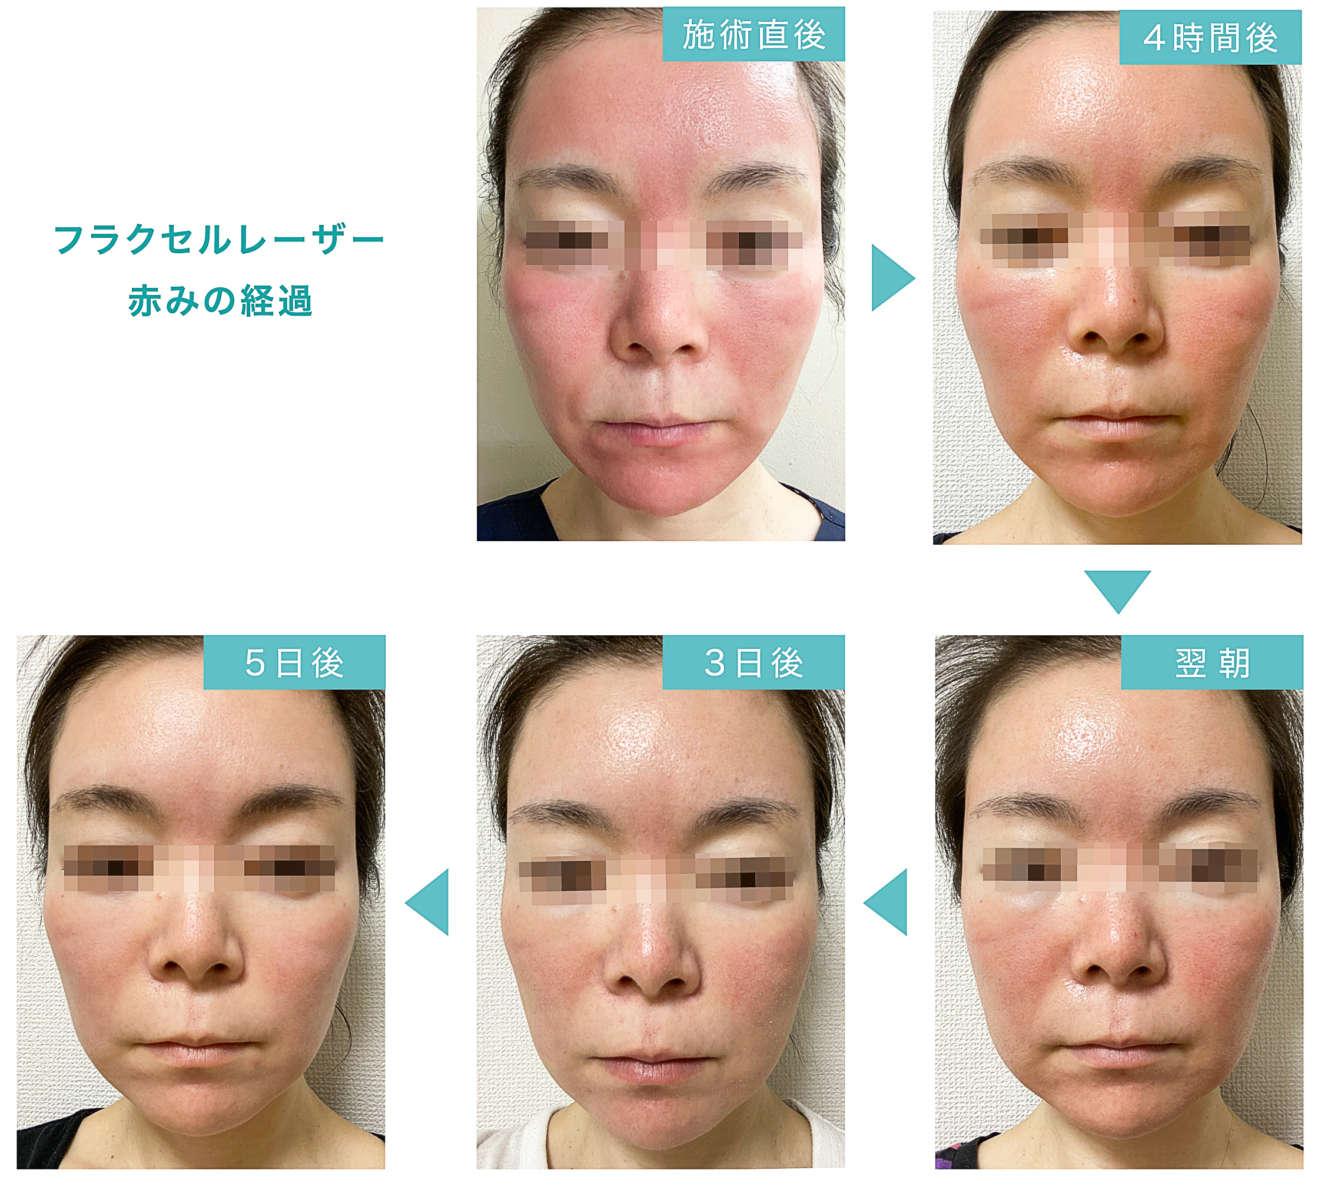 フラクセルレーザー施術後の顔の赤みの移り変わりが分かる画像